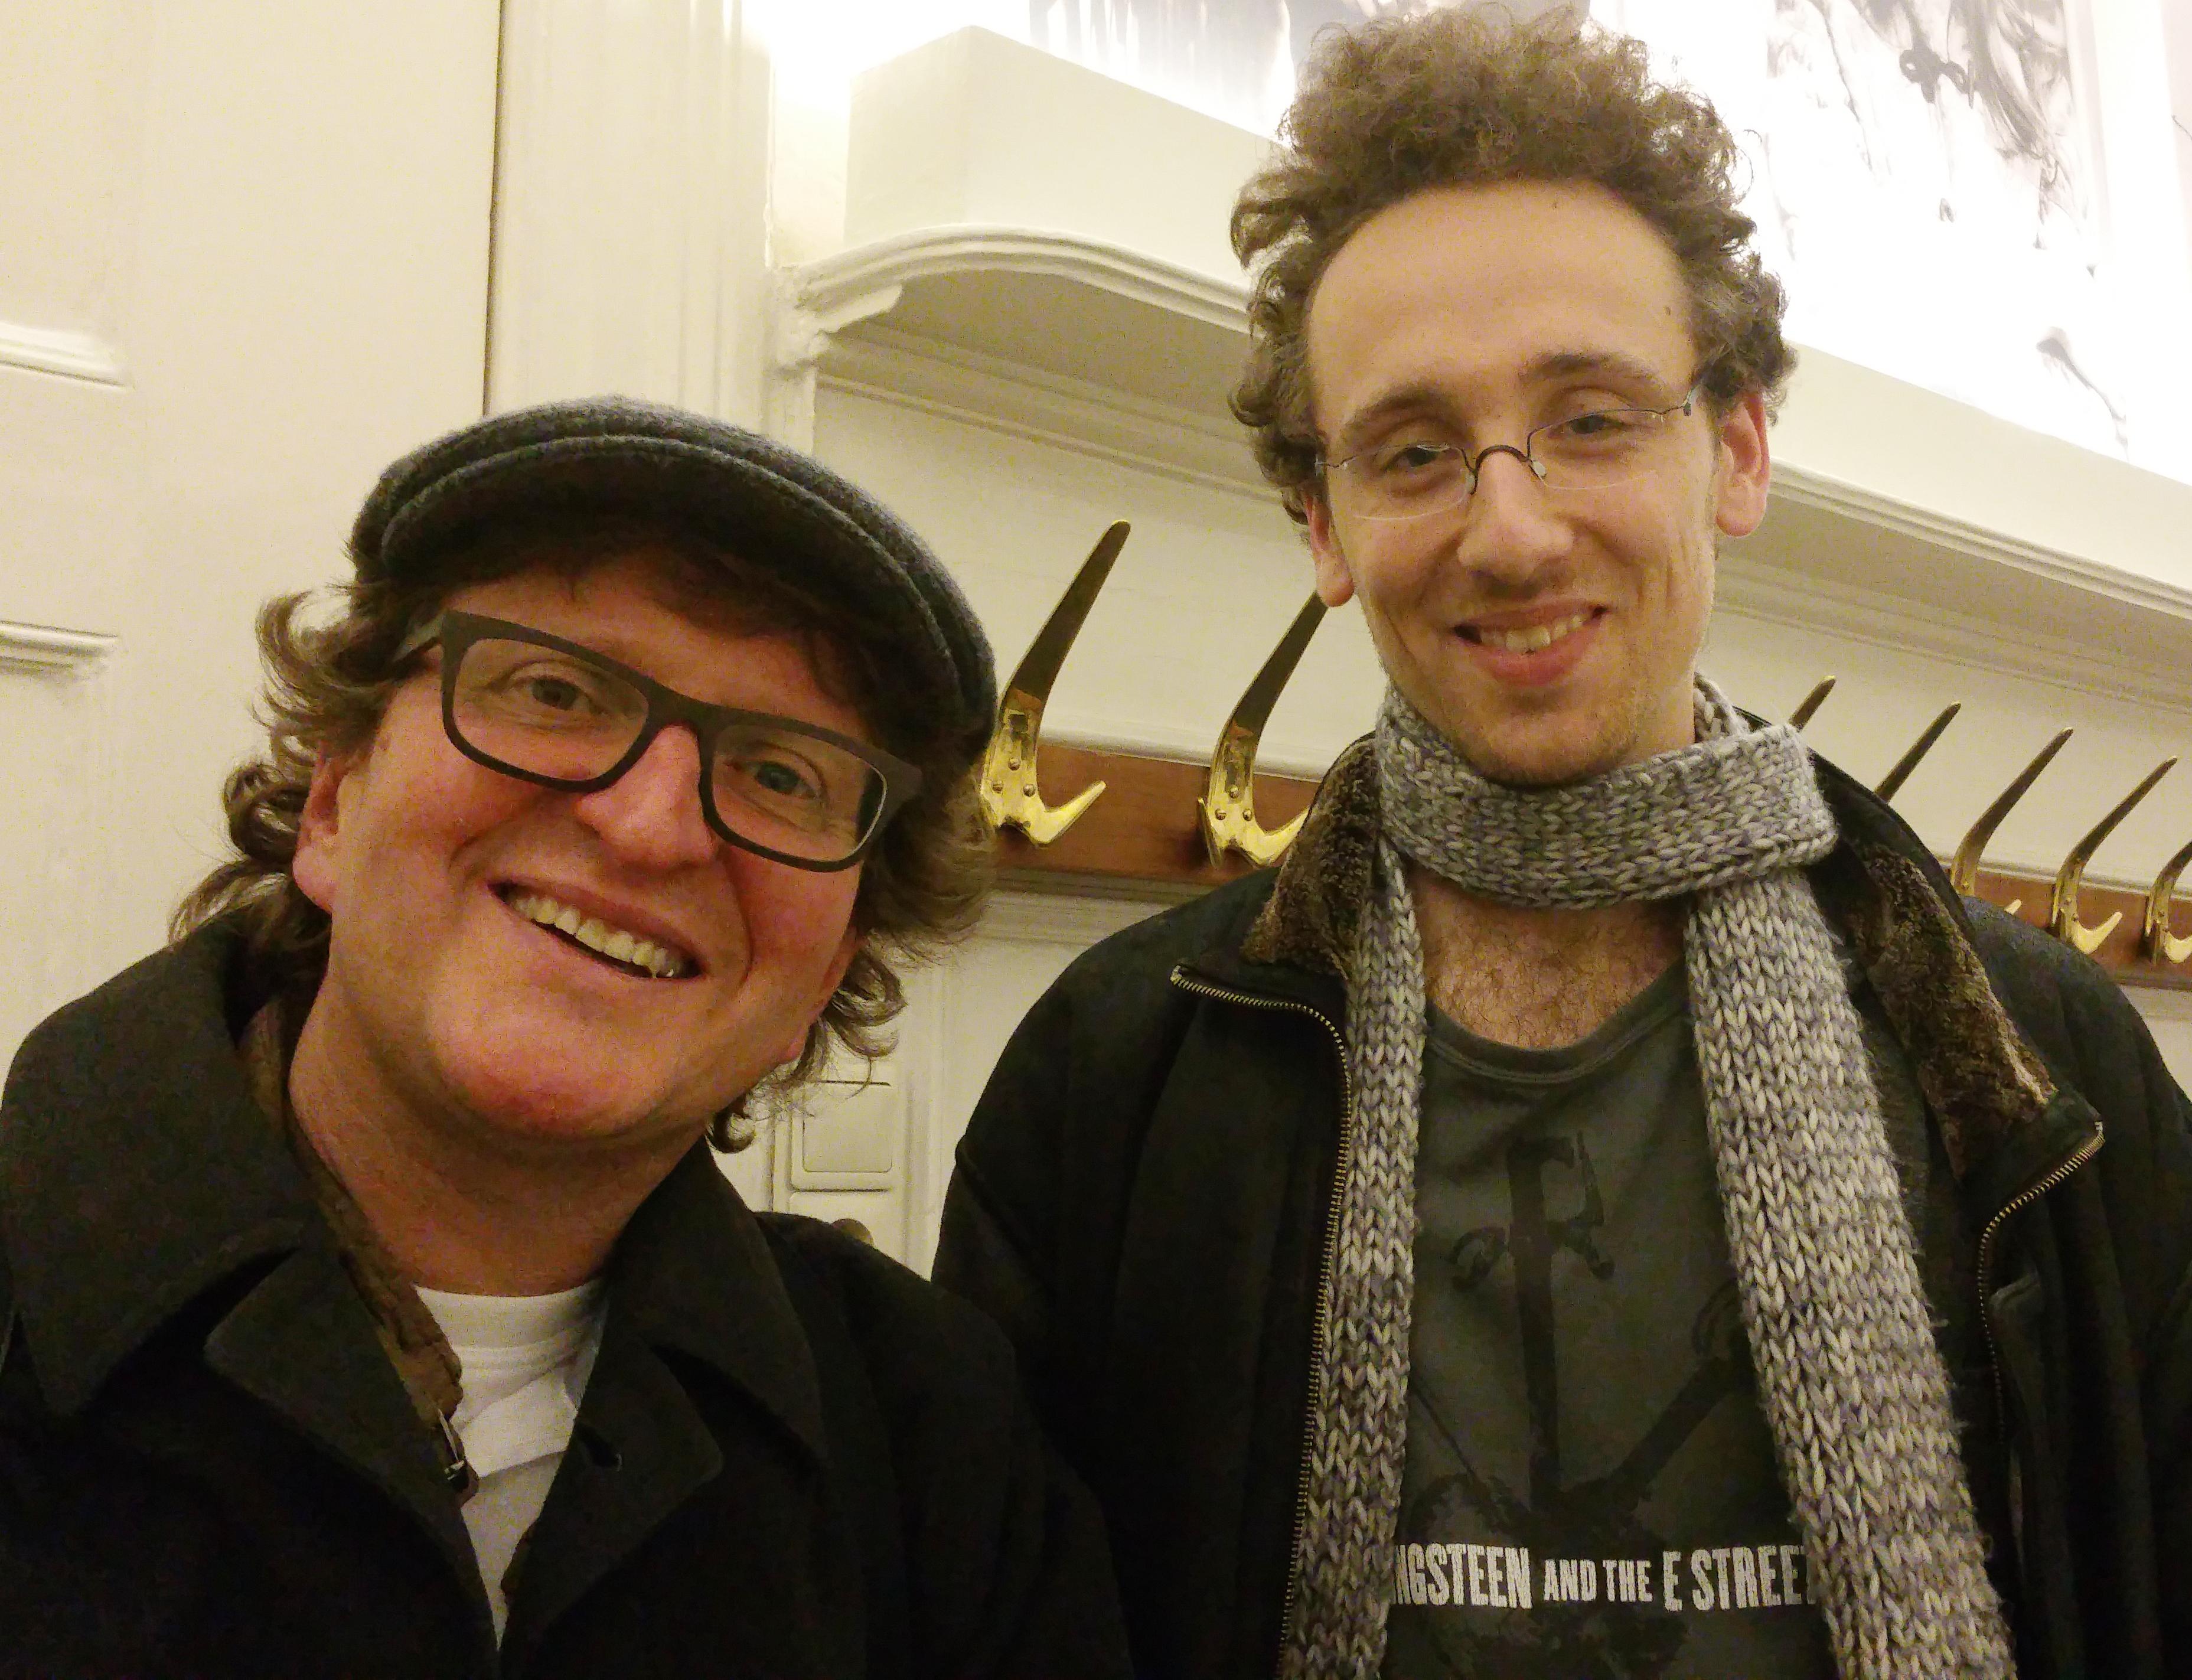 Anton G. Leitner mit dem jungen Autor und DAS GEDICHT blog-Kolumnist Timo Brandt in der ÖGfL